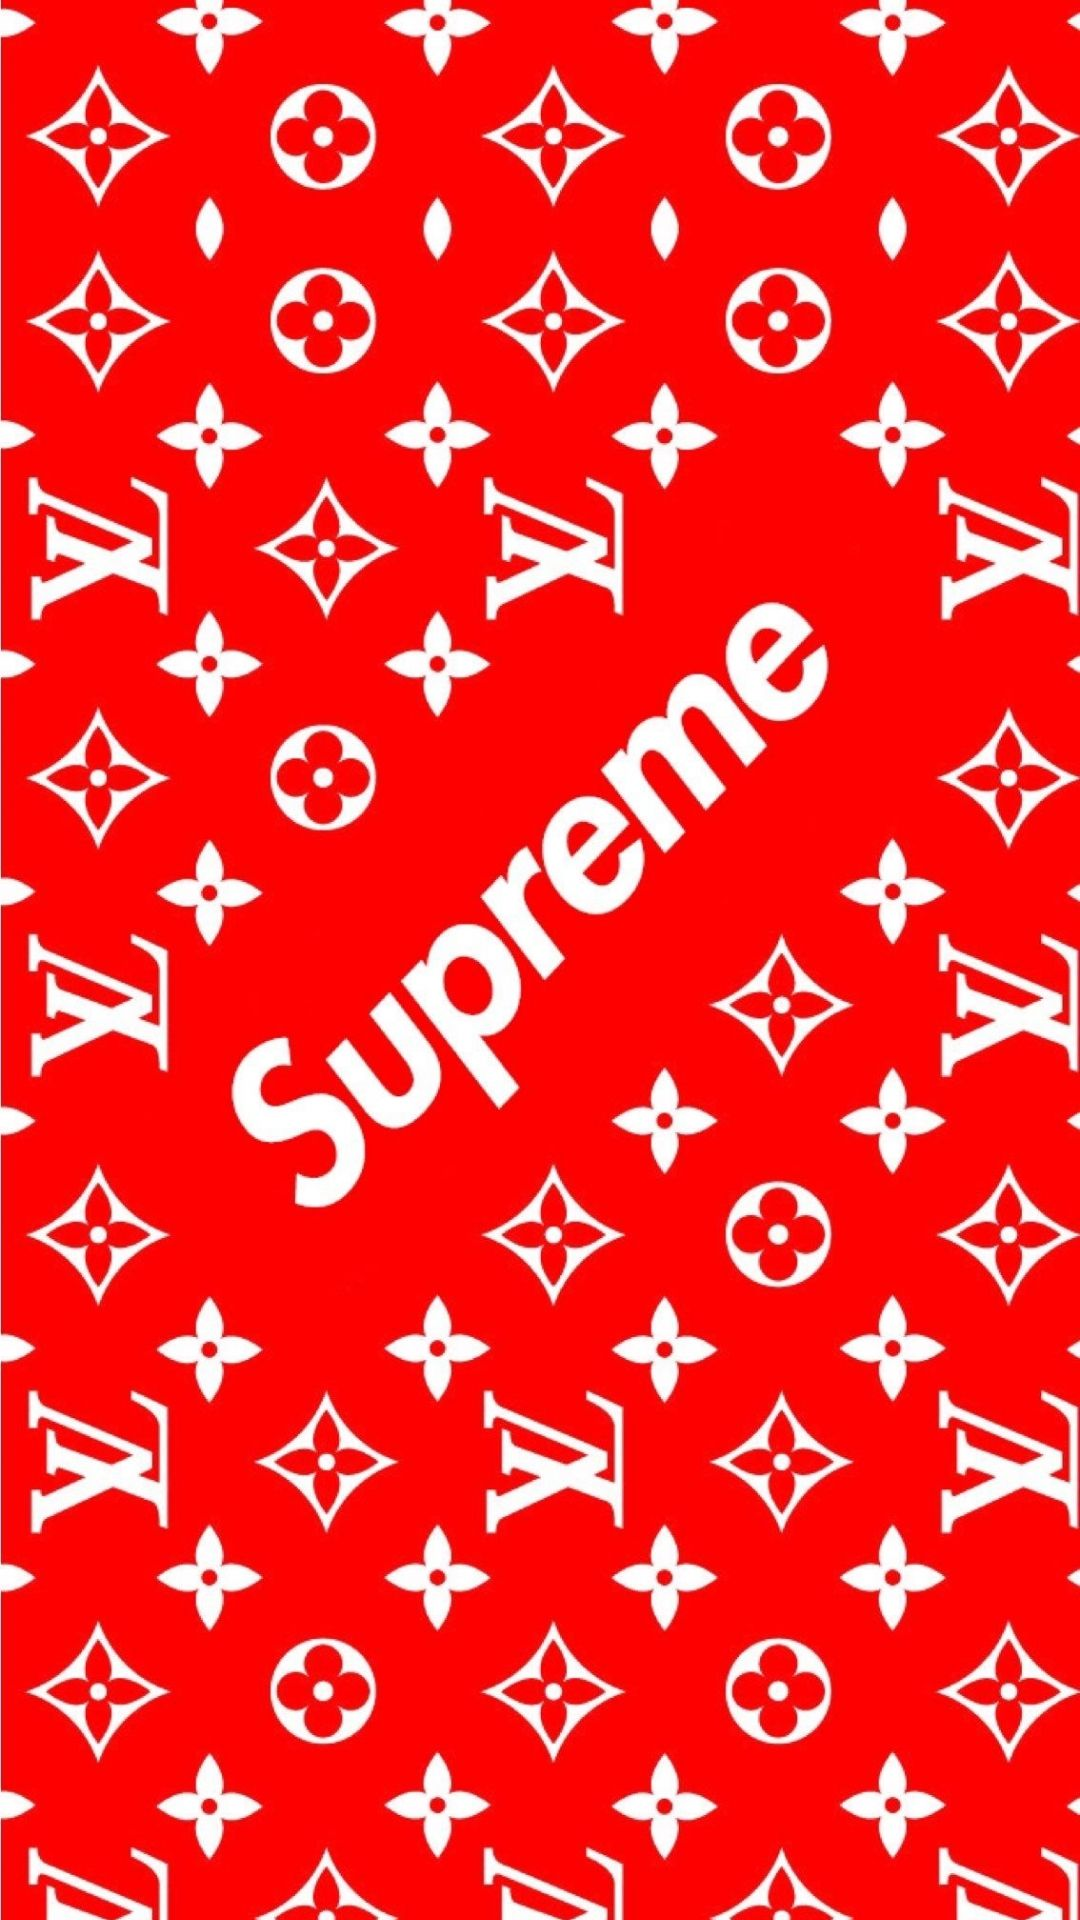 Bape Red Supreme Wallpaper Supreme Iphone Wallpaper Louis Vuitton Iphone Wallpaper